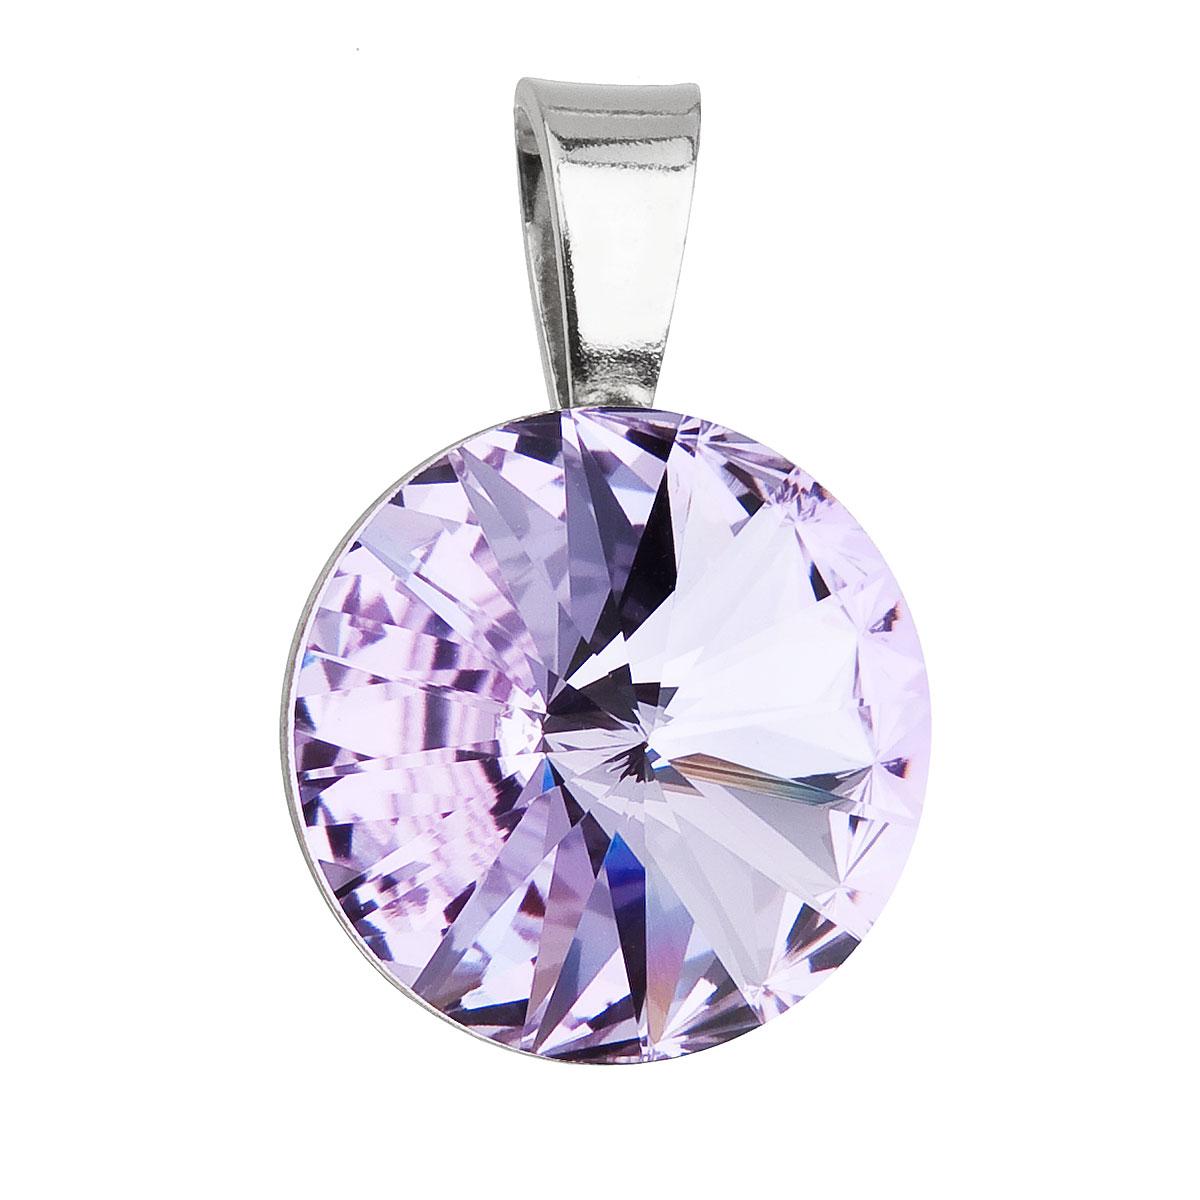 Stříbrný přívěsek s krystaly Swarovski fialový kulatý-rivoli 34112.3 violet